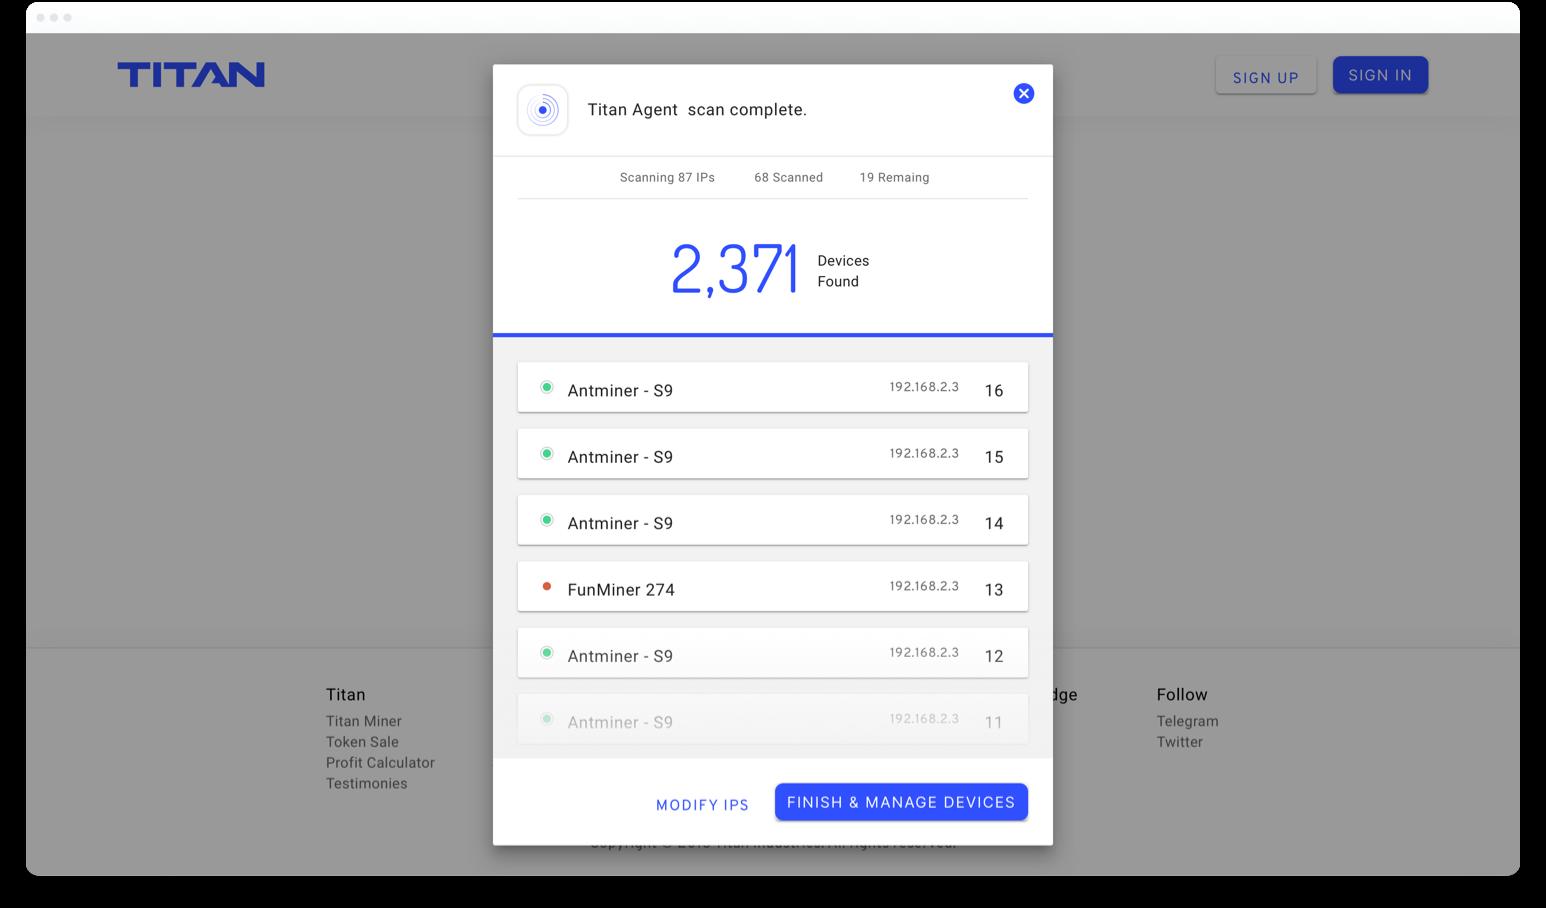 titan app popup in browser